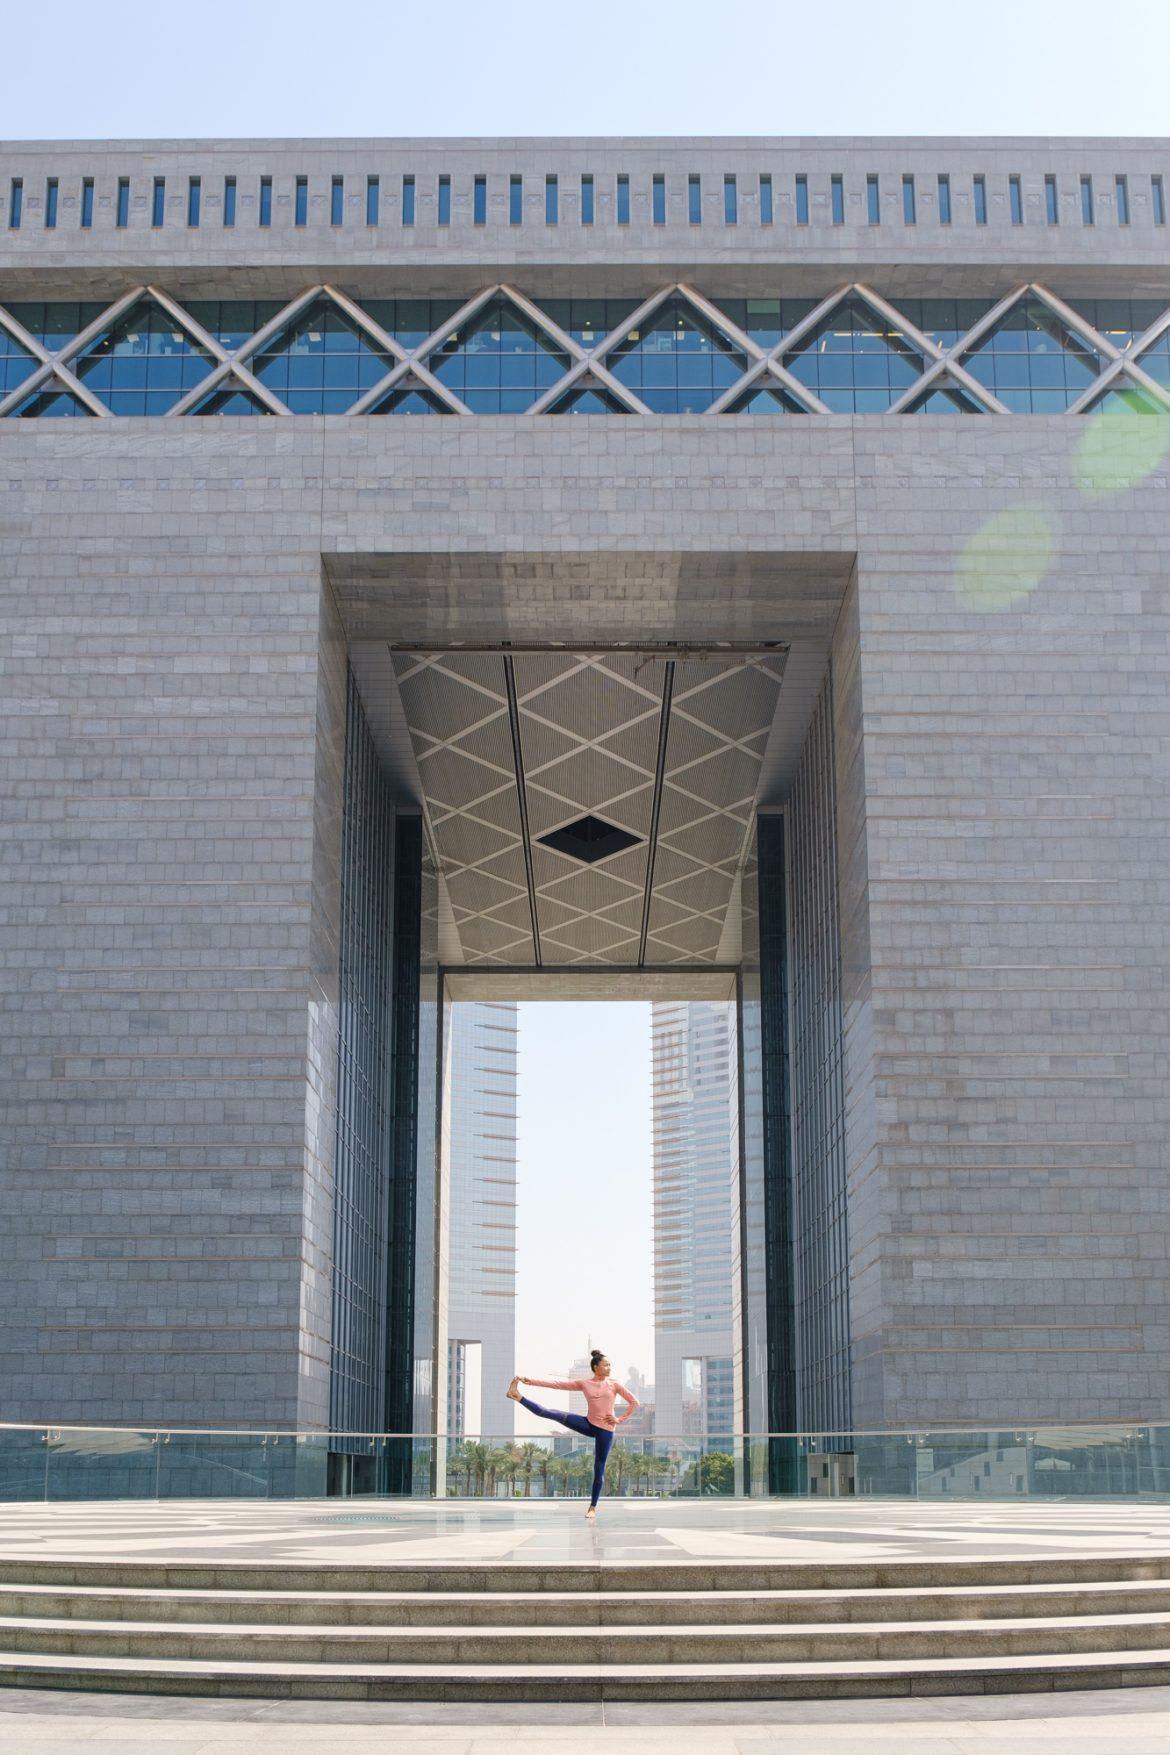 مركز دبي المالي العالمي ينظم جلسة يوغا للتخلص من التوتر والإجهاد